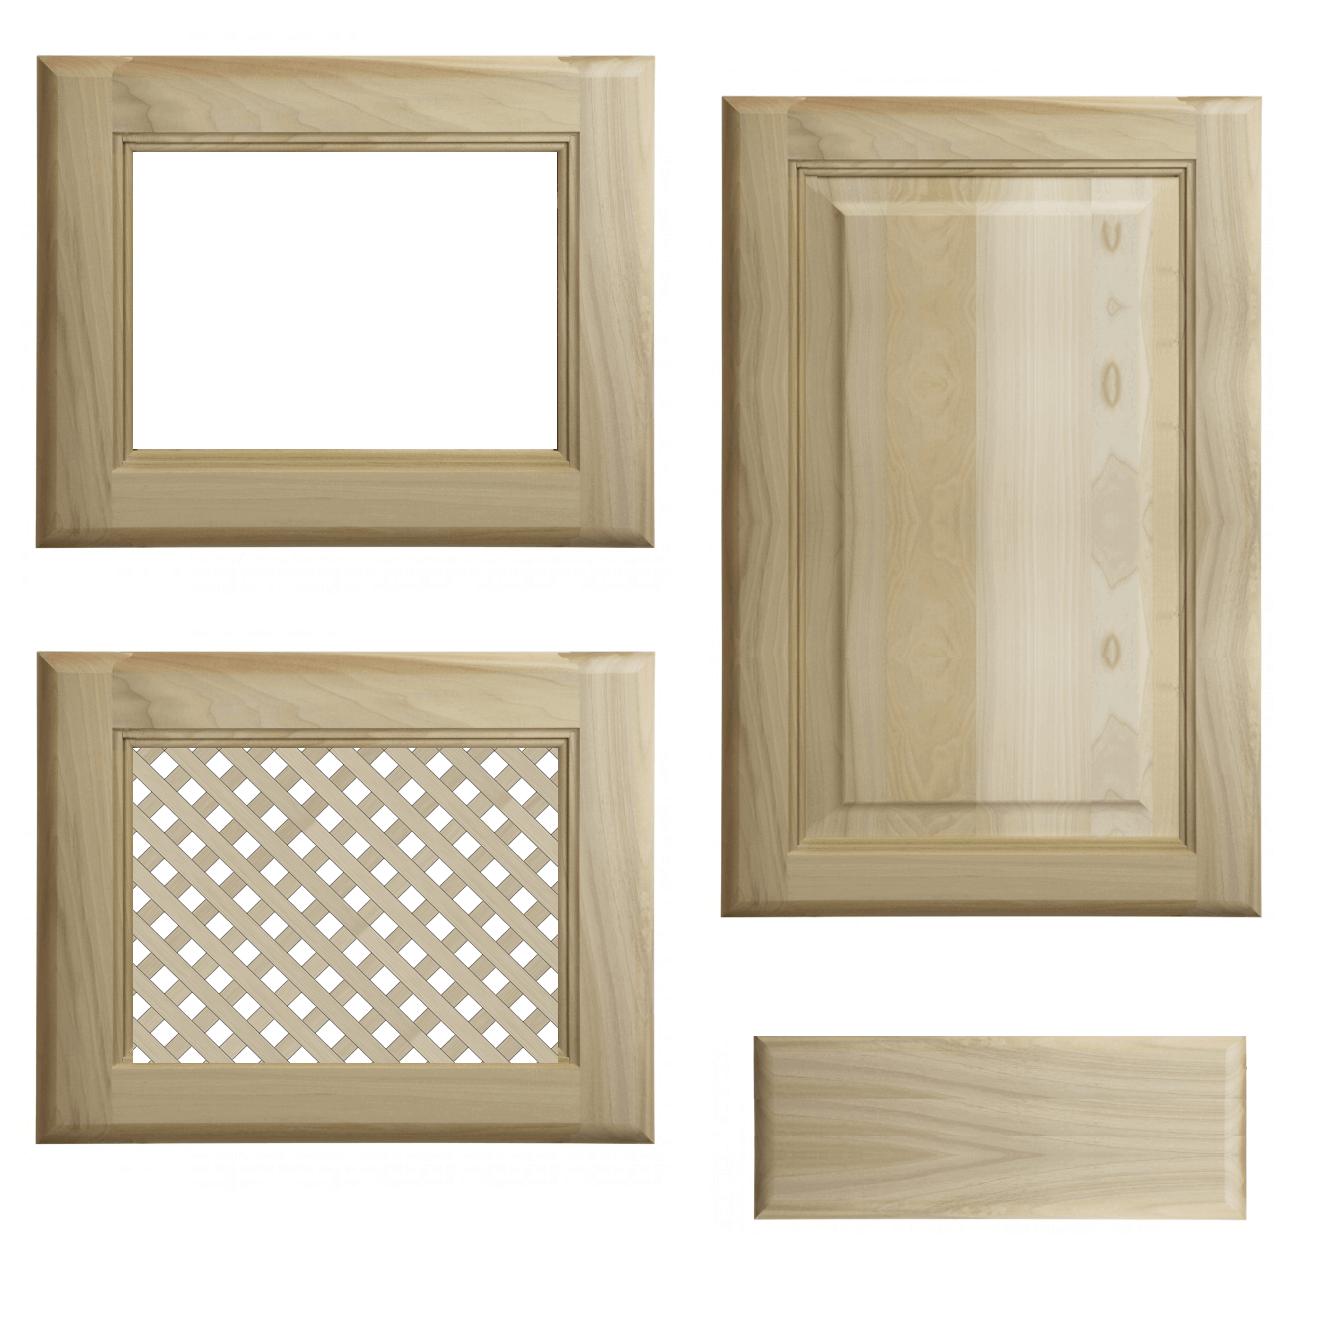 telai in legno con misure per vetromattoni misure standard : Antina--Elena-legno-verniciat-misura-standard_mybricoshop_product ...